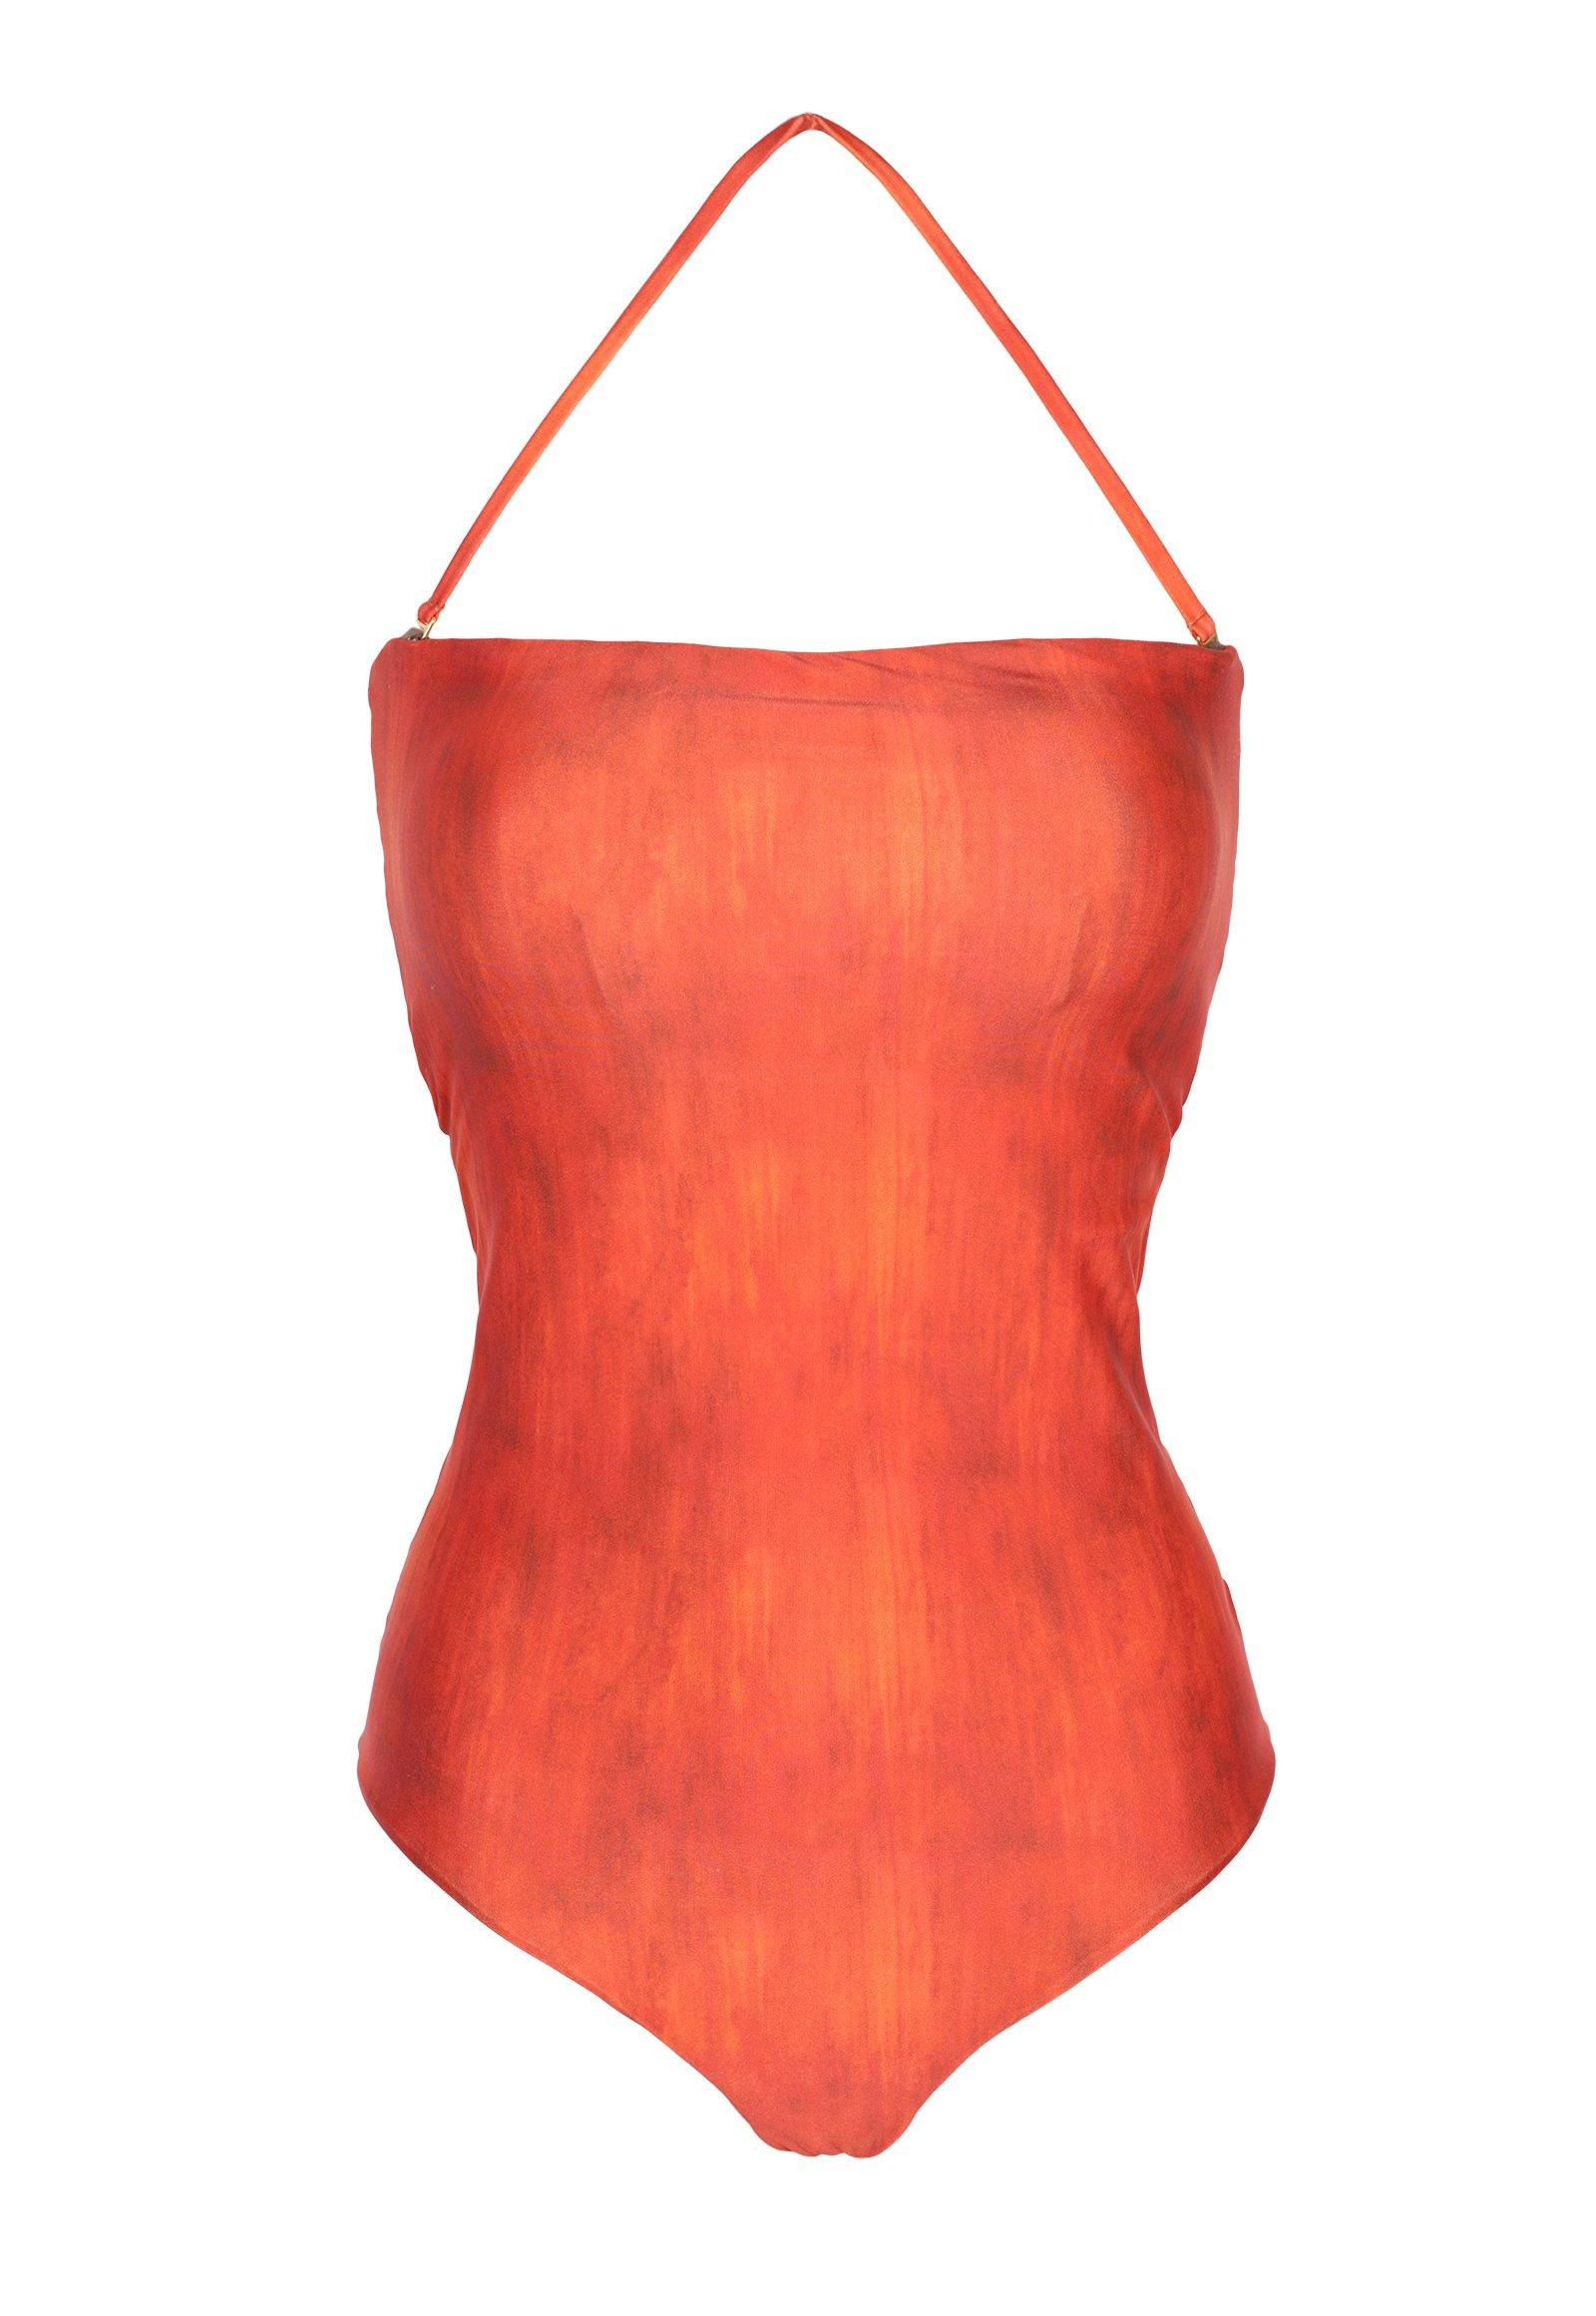 9361209c8b5736 Pomarańczowy, jednoczęściowy strój kąpielowy z większym biustem i wieloma  paskami z tyłu ...